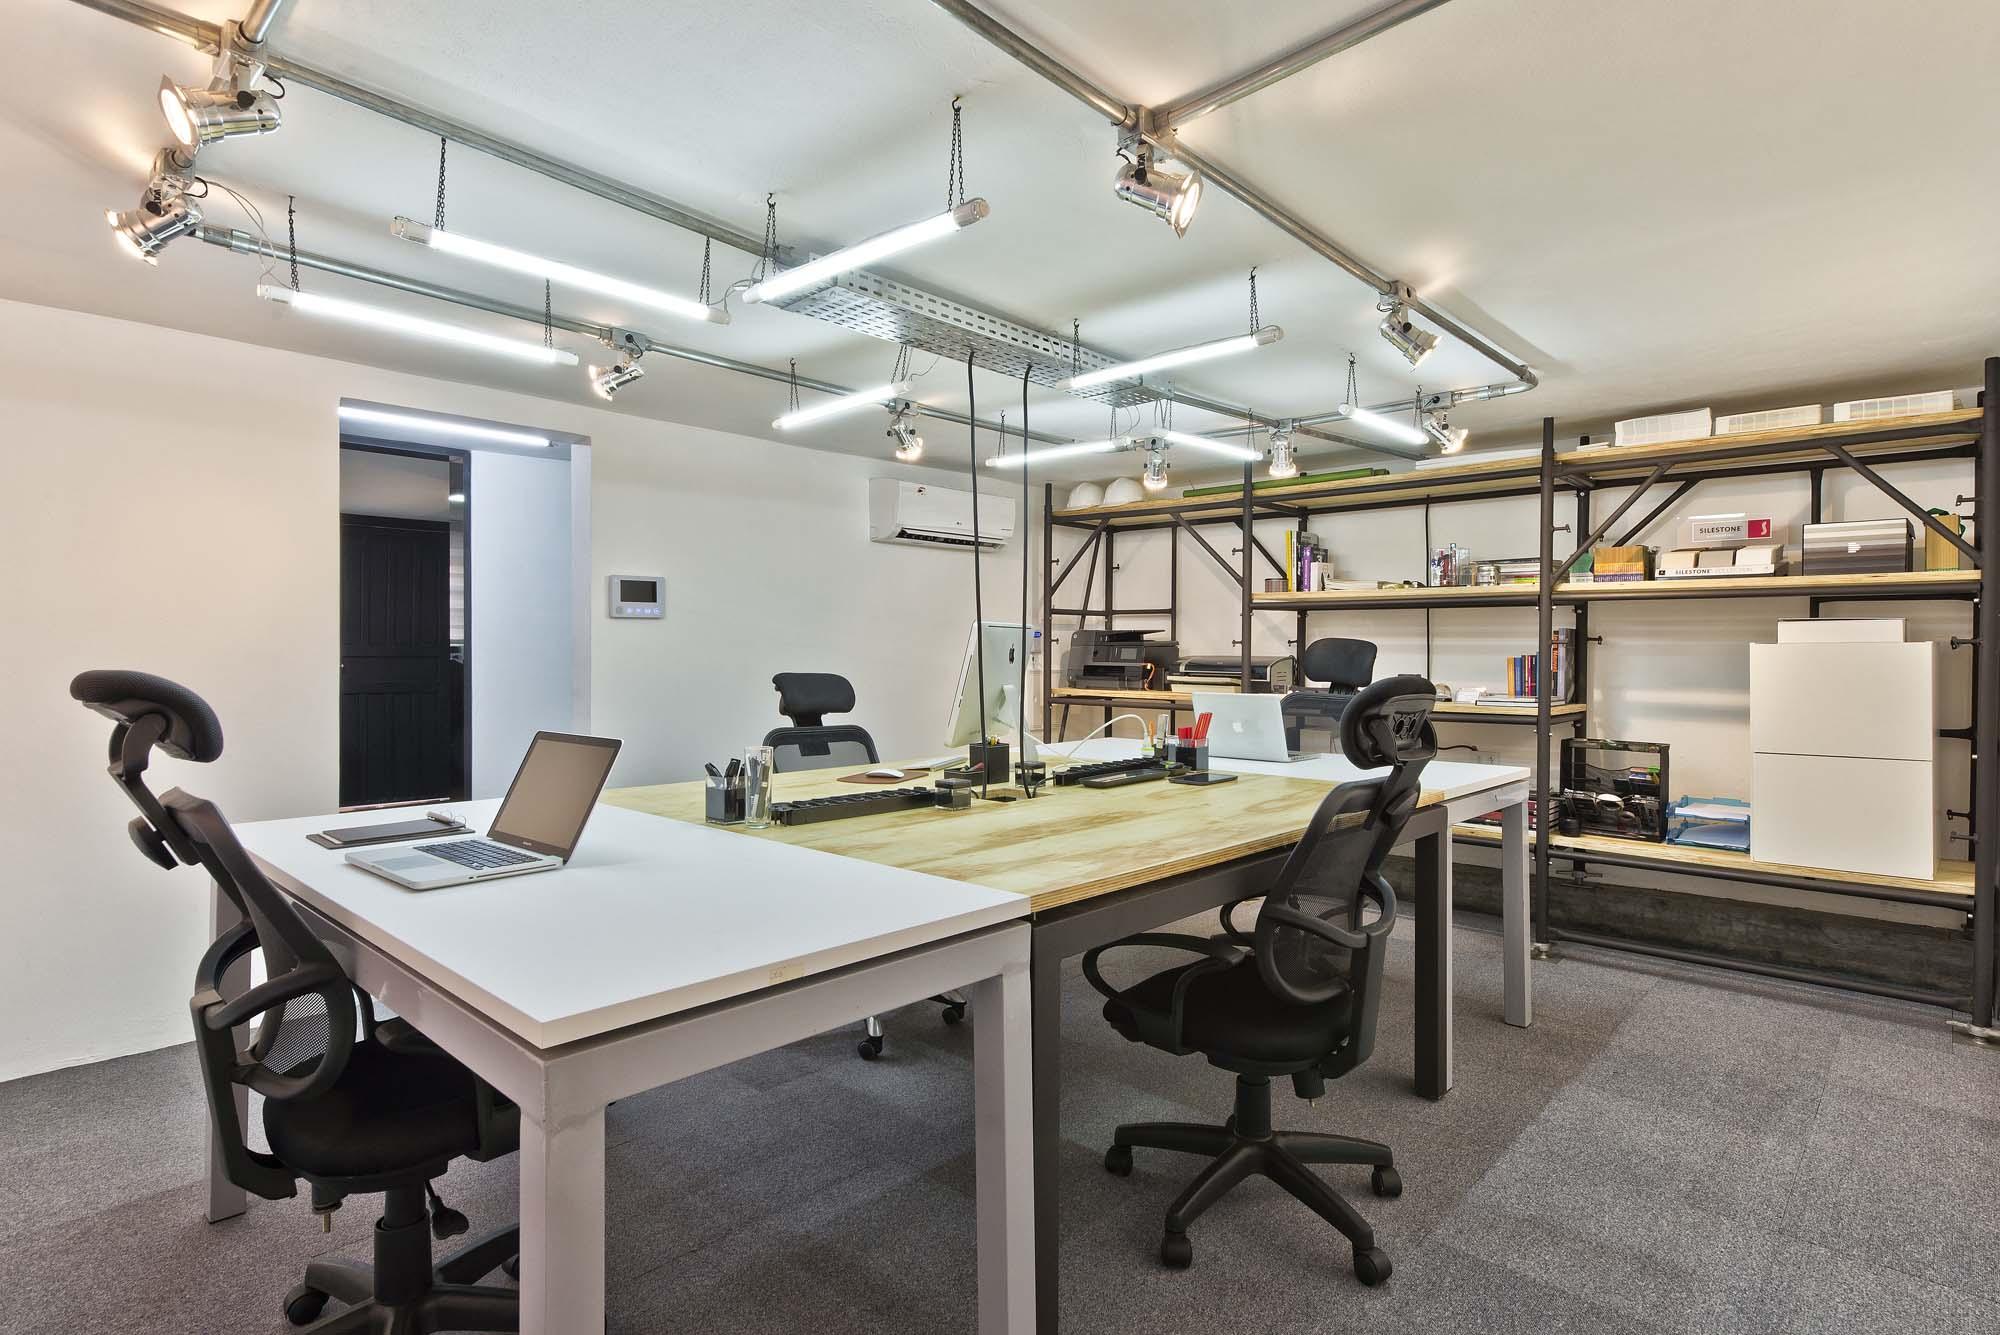 Sala de projetos tem iluminação mais potente para o trabalho. As instalações foram feitas de forma aparente, reforçando a linguagem industrial.